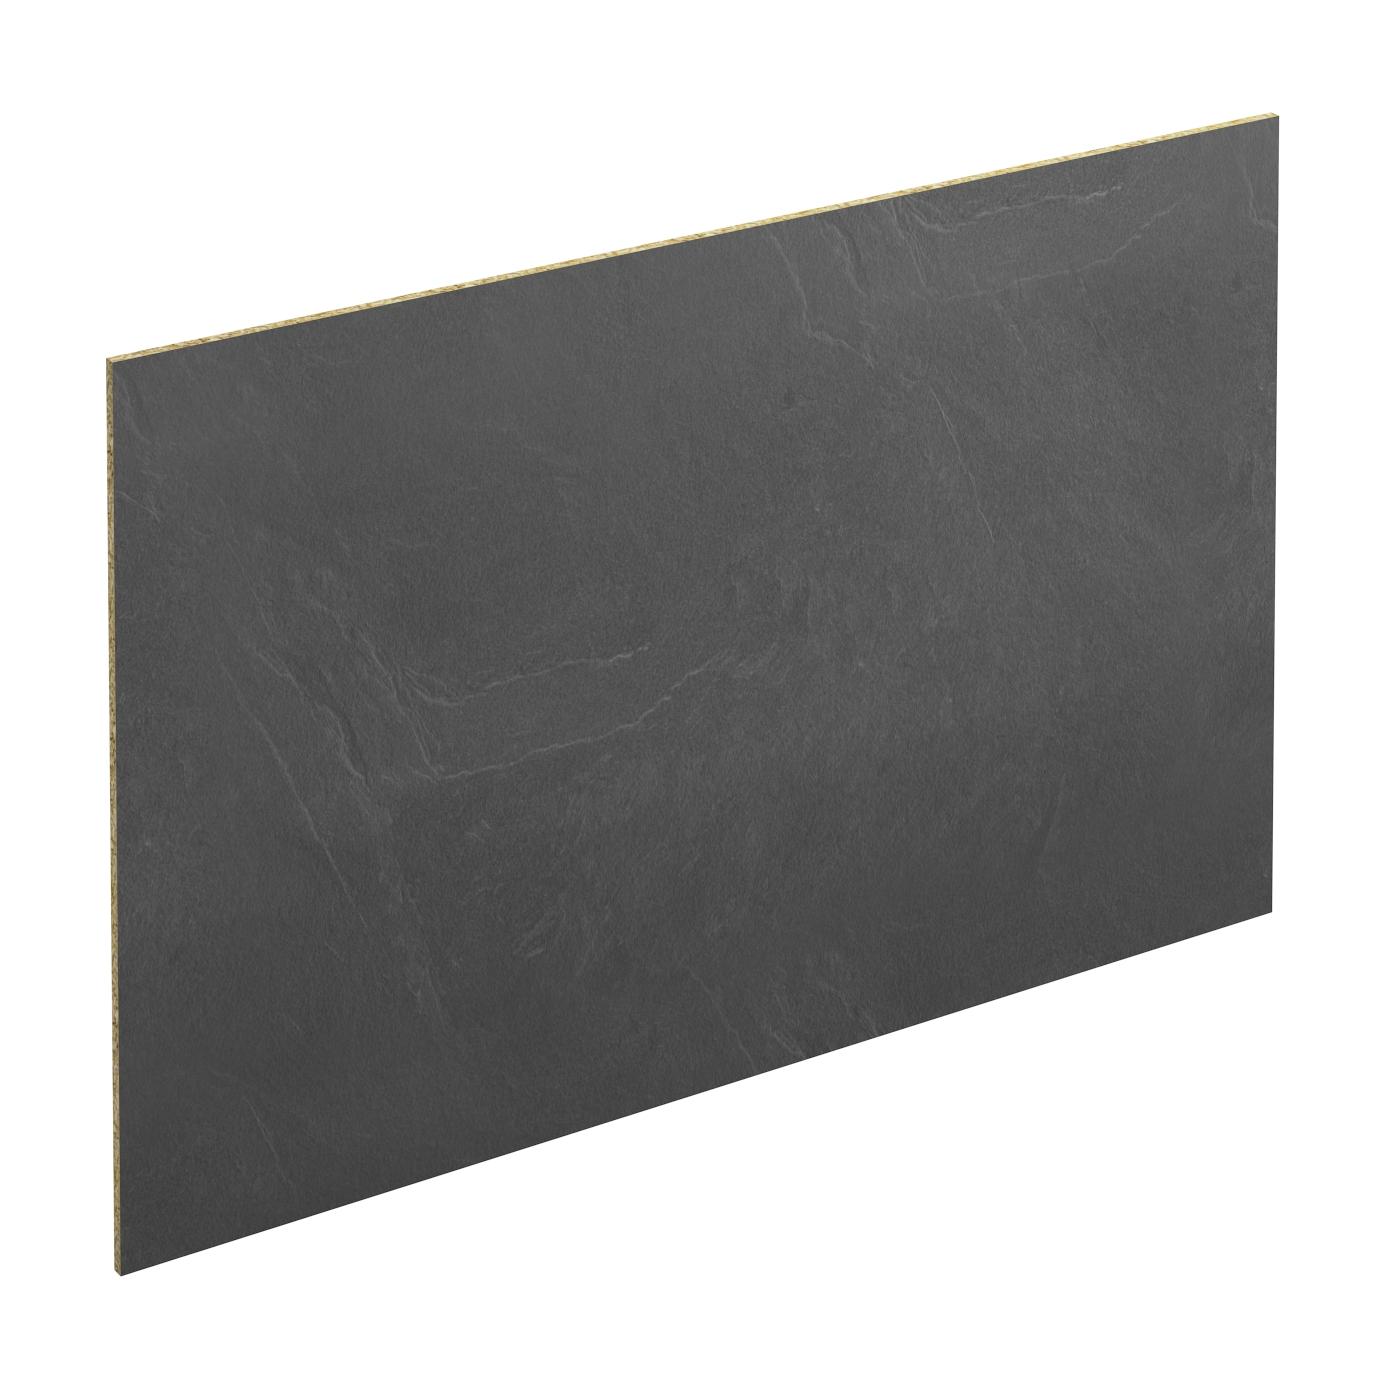 Coller Des Ardoises Entre Elles crédence de cuisine n°304 décor ardoise stratifié, l300 x h64 x e0,9 cm,  planeko